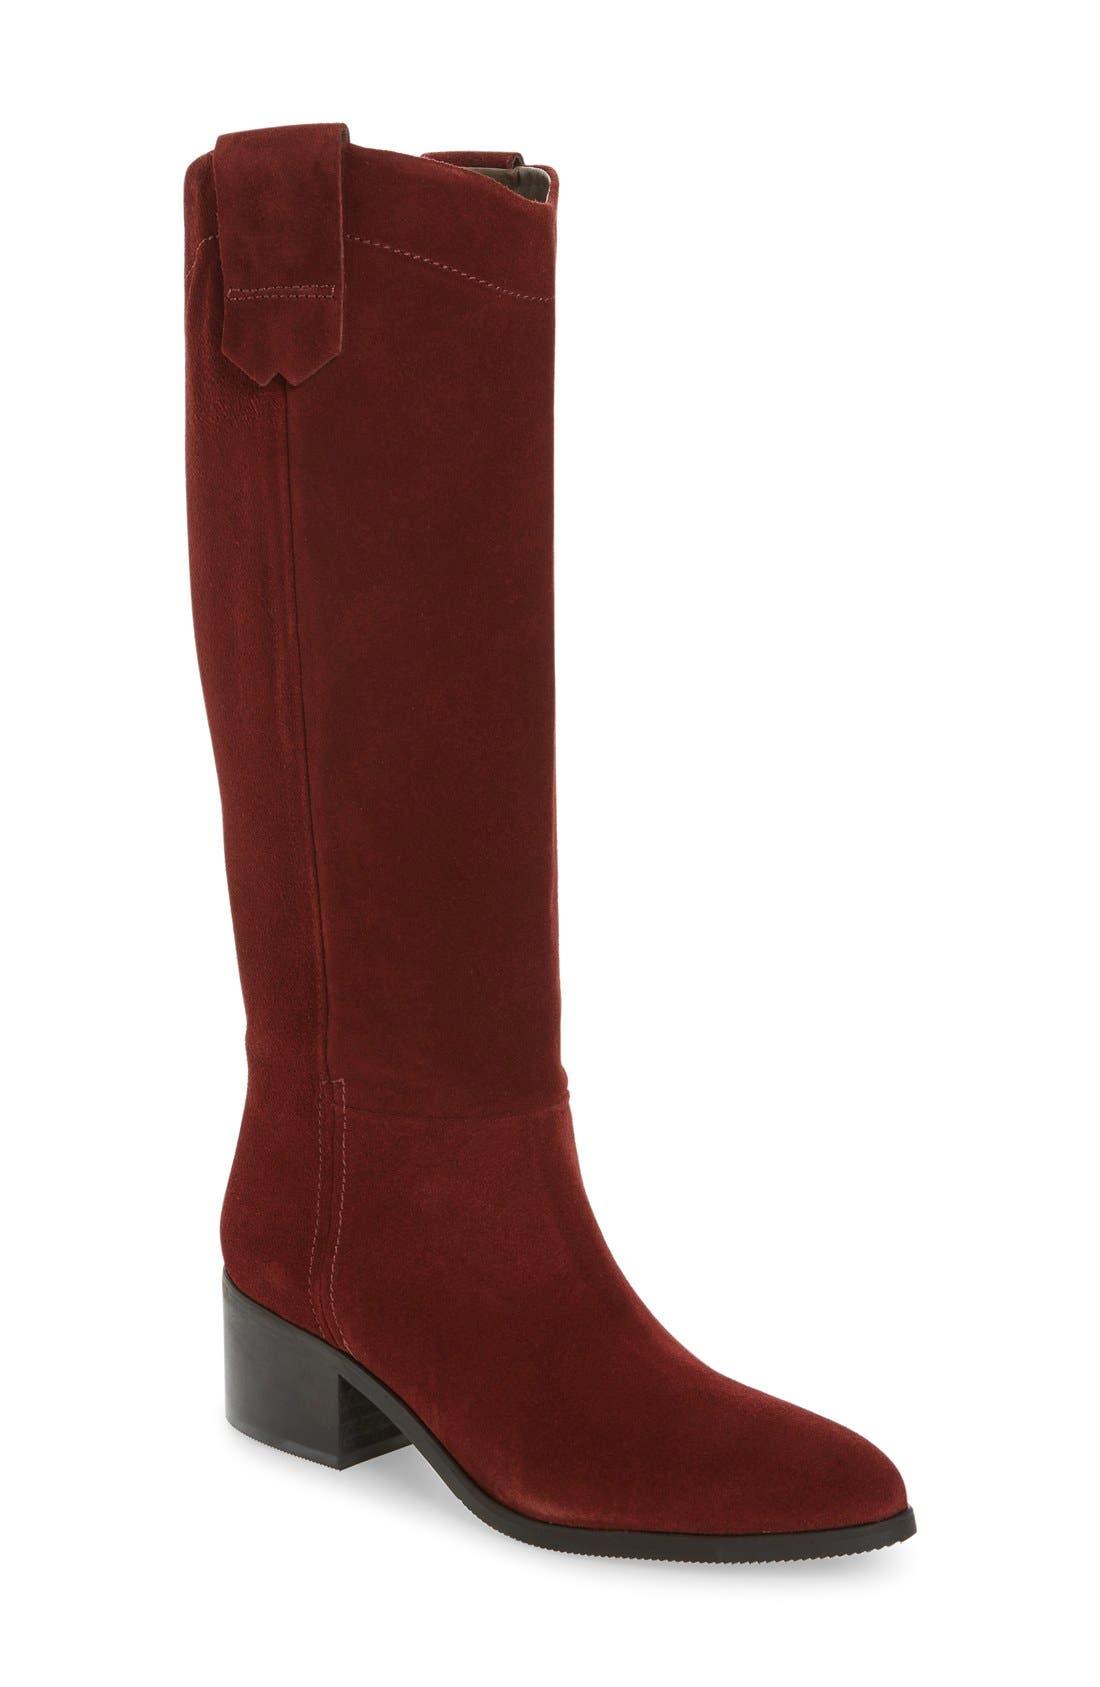 BELLA VITA Gia Tall Riding Boot